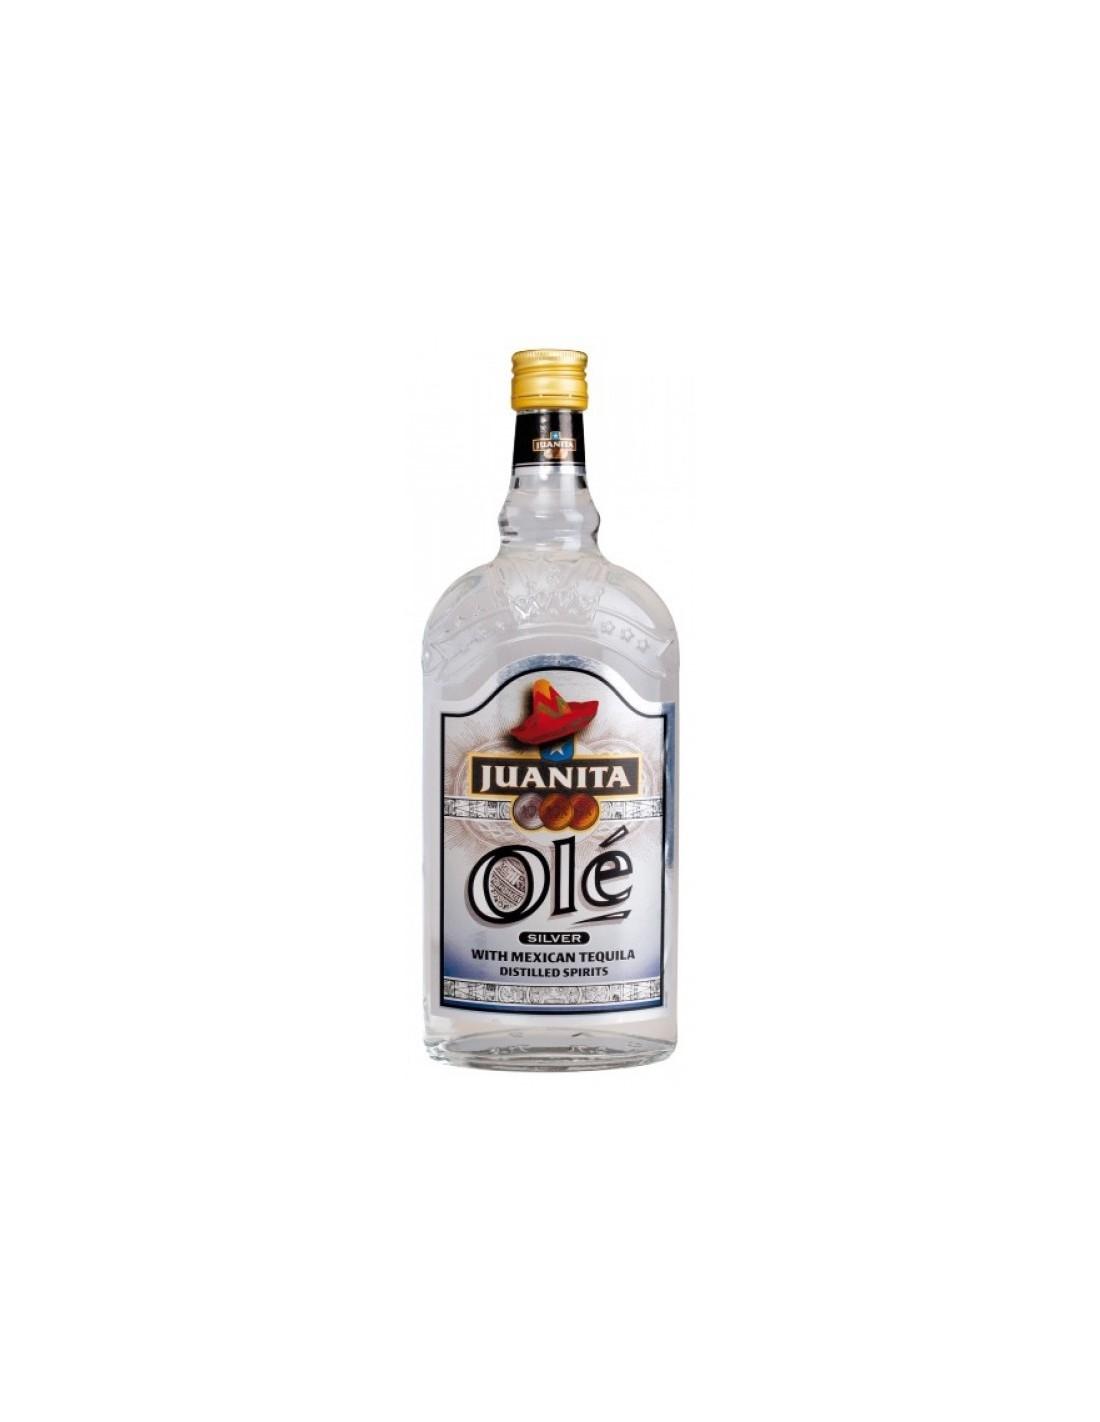 Tequila alba Juanita Ole Silver 0.7L, 38% alc., Germania